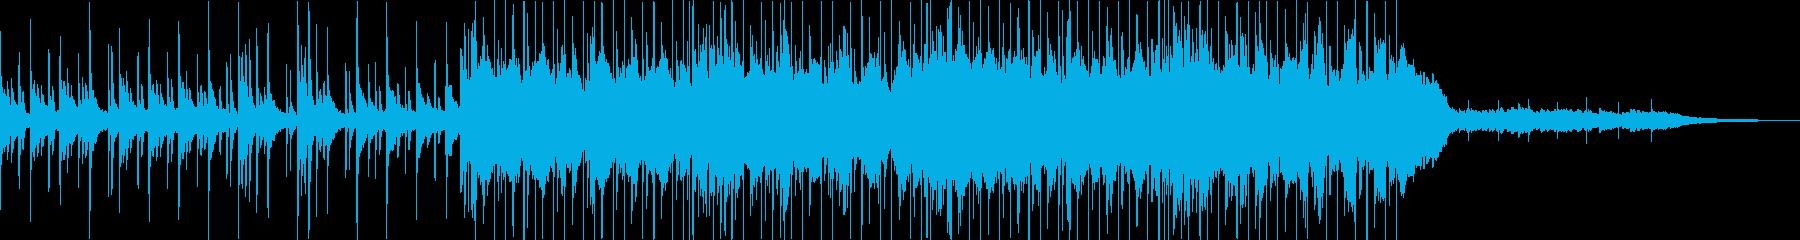 オープニングっぽいさわやかロックインストの再生済みの波形